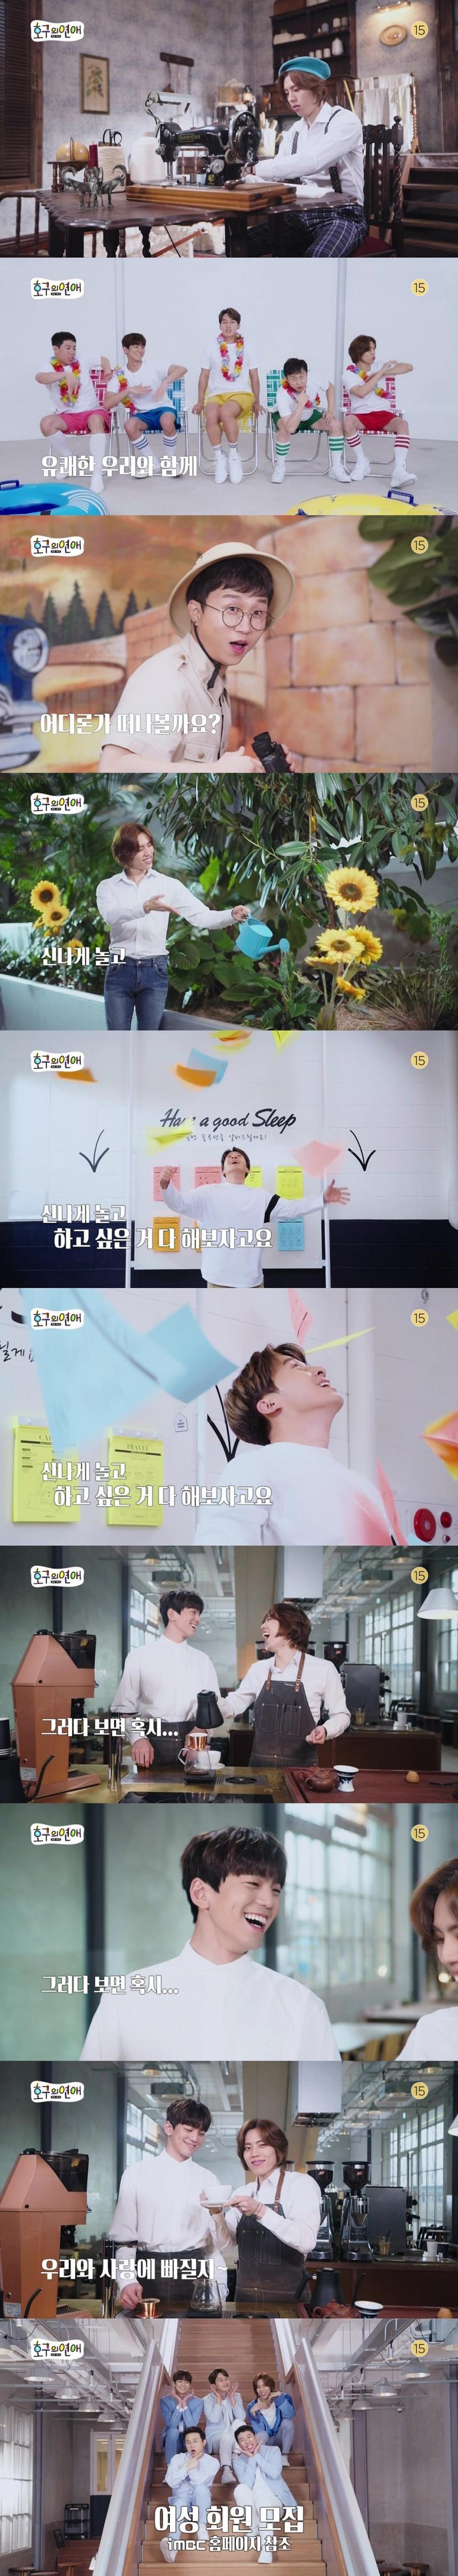 '호구의 연애' 티저 영상 캡처 / MBC